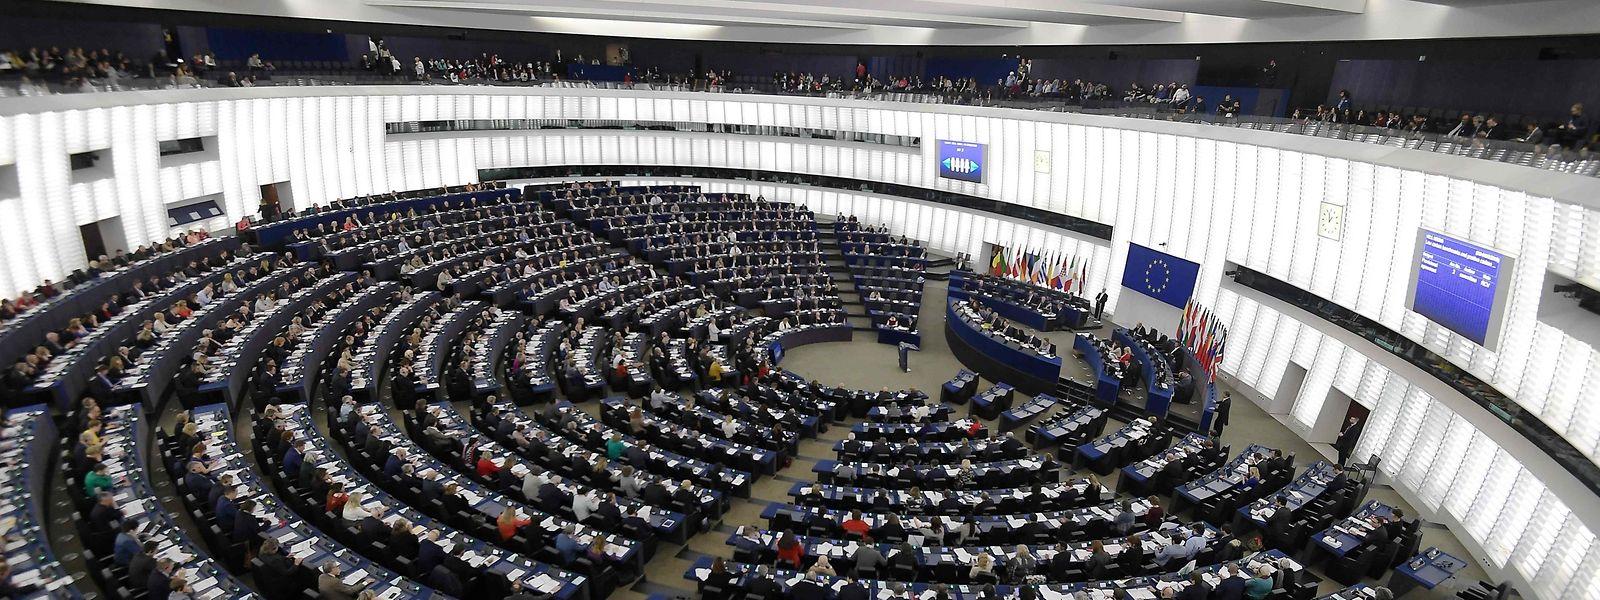 Das EU-Parlament hat nicht genügend Macht, um die Versprechen der EU-Wahlkampagne umzusetzen